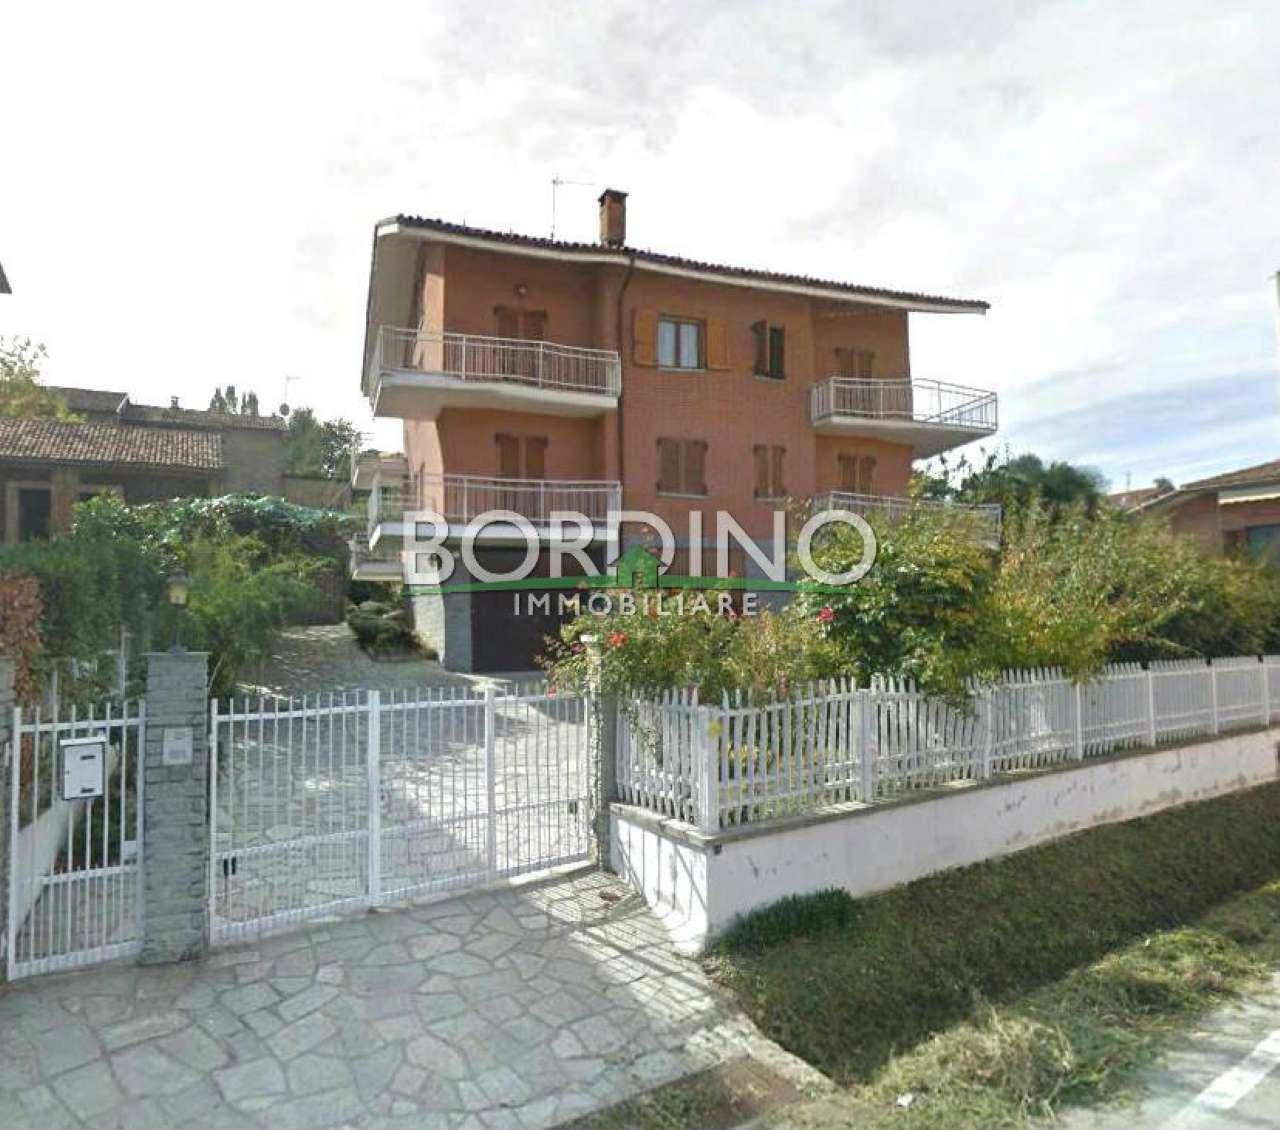 Soluzione Indipendente in vendita a Magliano Alfieri, 12 locali, prezzo € 285.000 | Cambio Casa.it